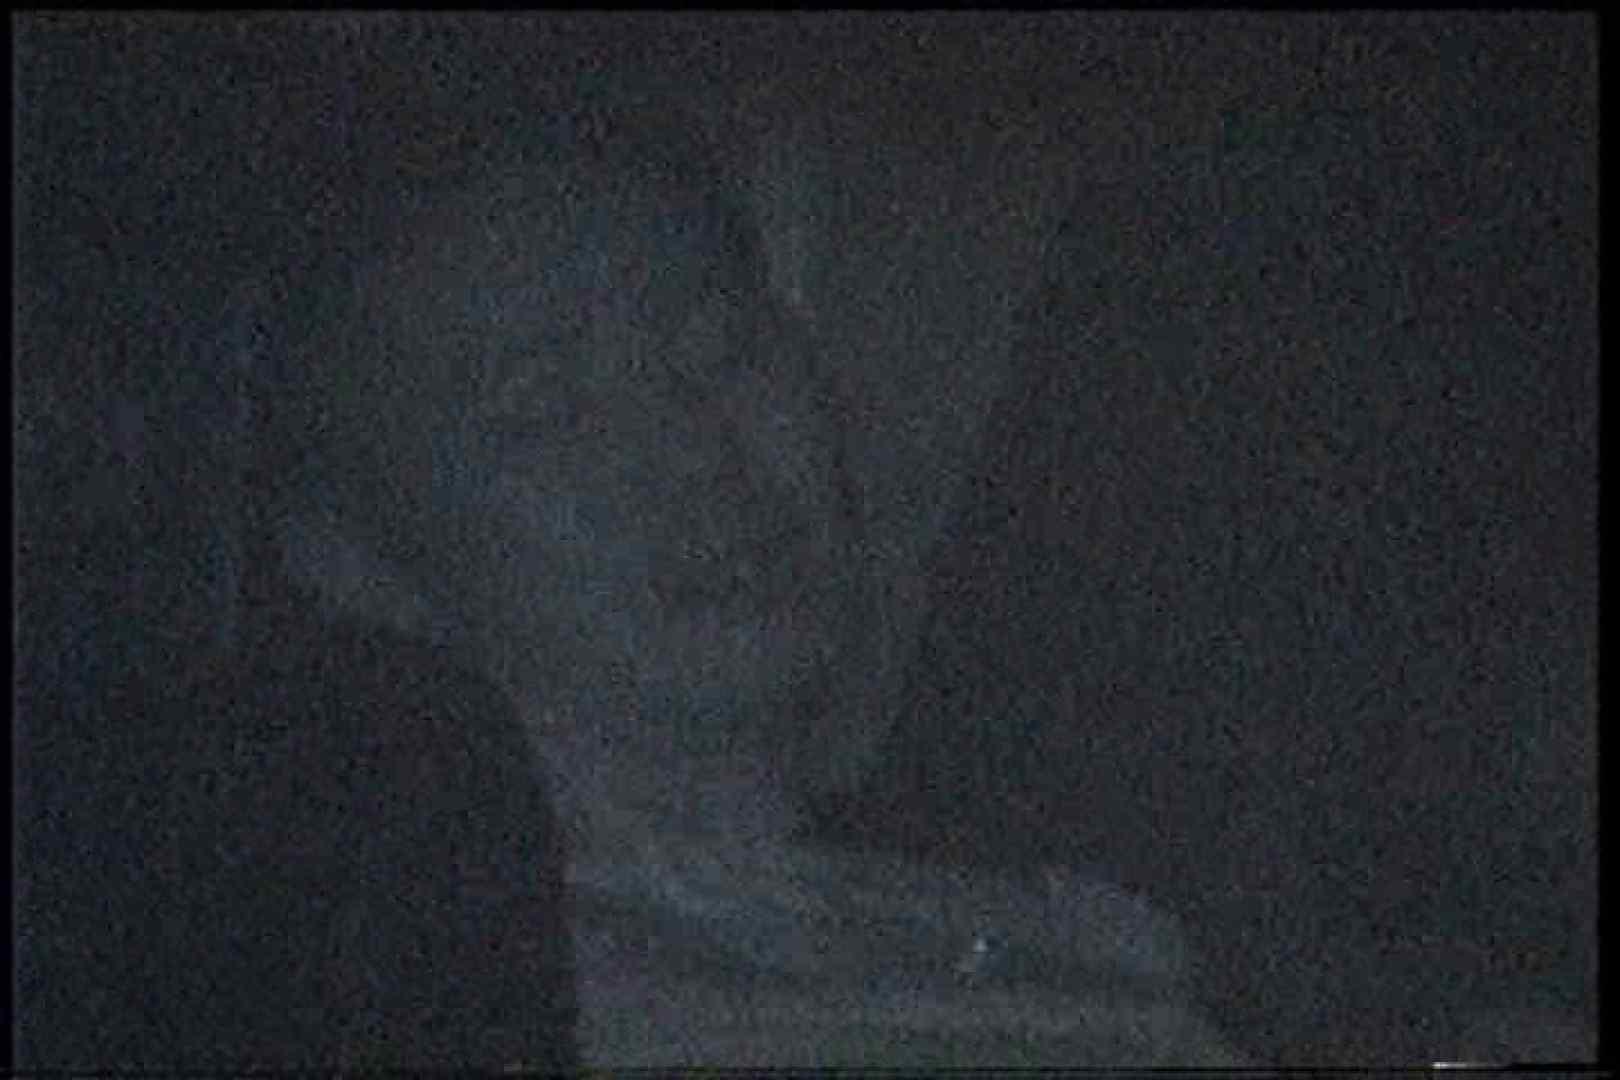 充血監督の深夜の運動会Vol.198 チクビ   OLエロ画像  76PICs 16